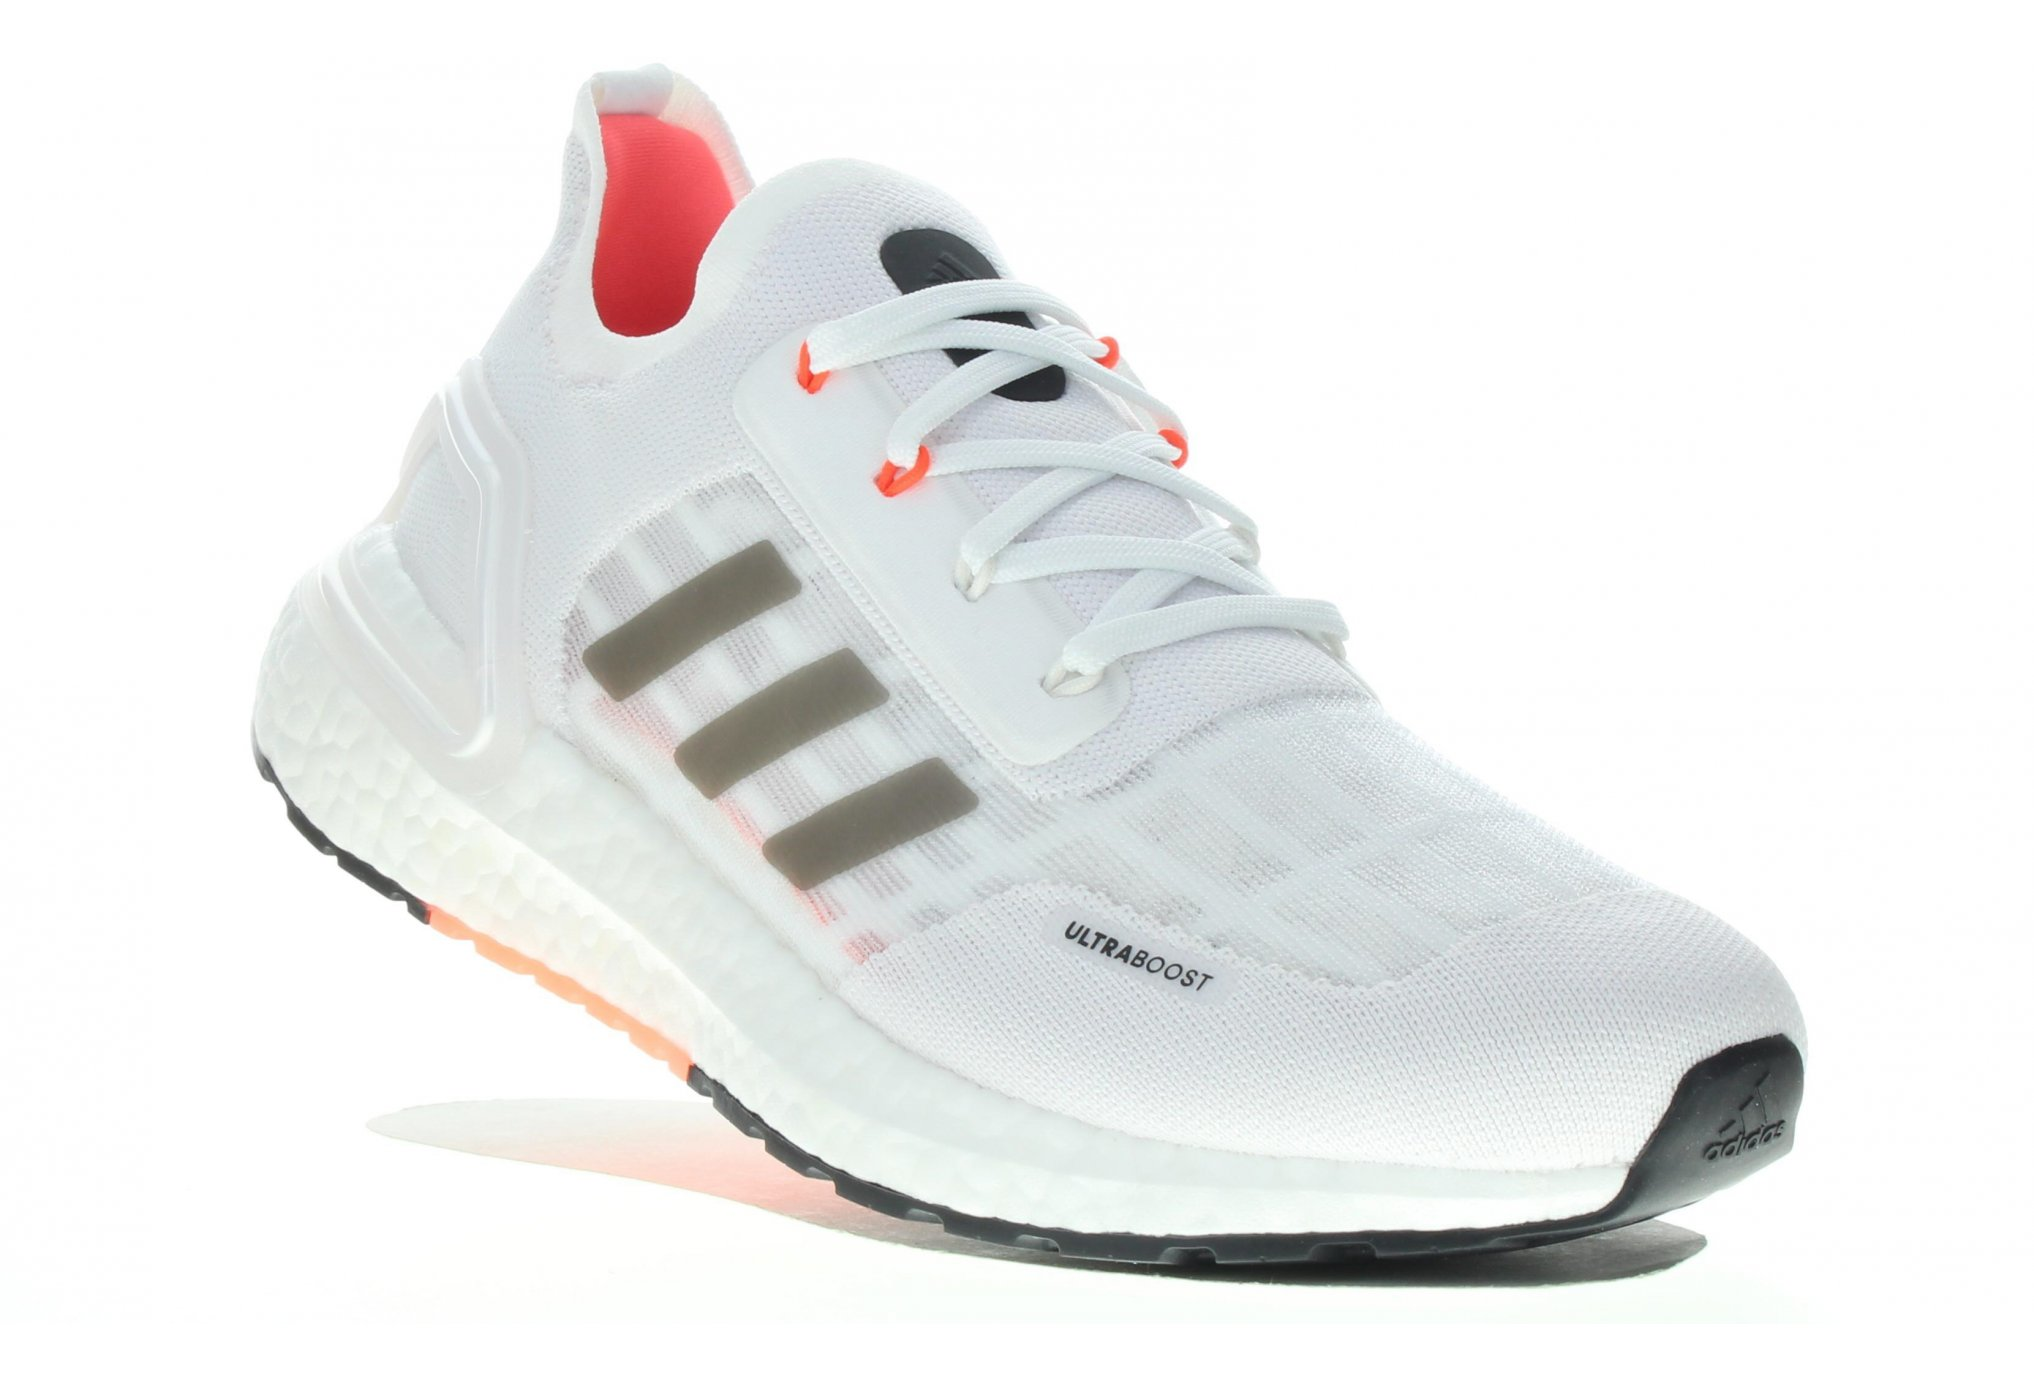 adidas UltraBOOST Summer.RDY Chaussures running femme